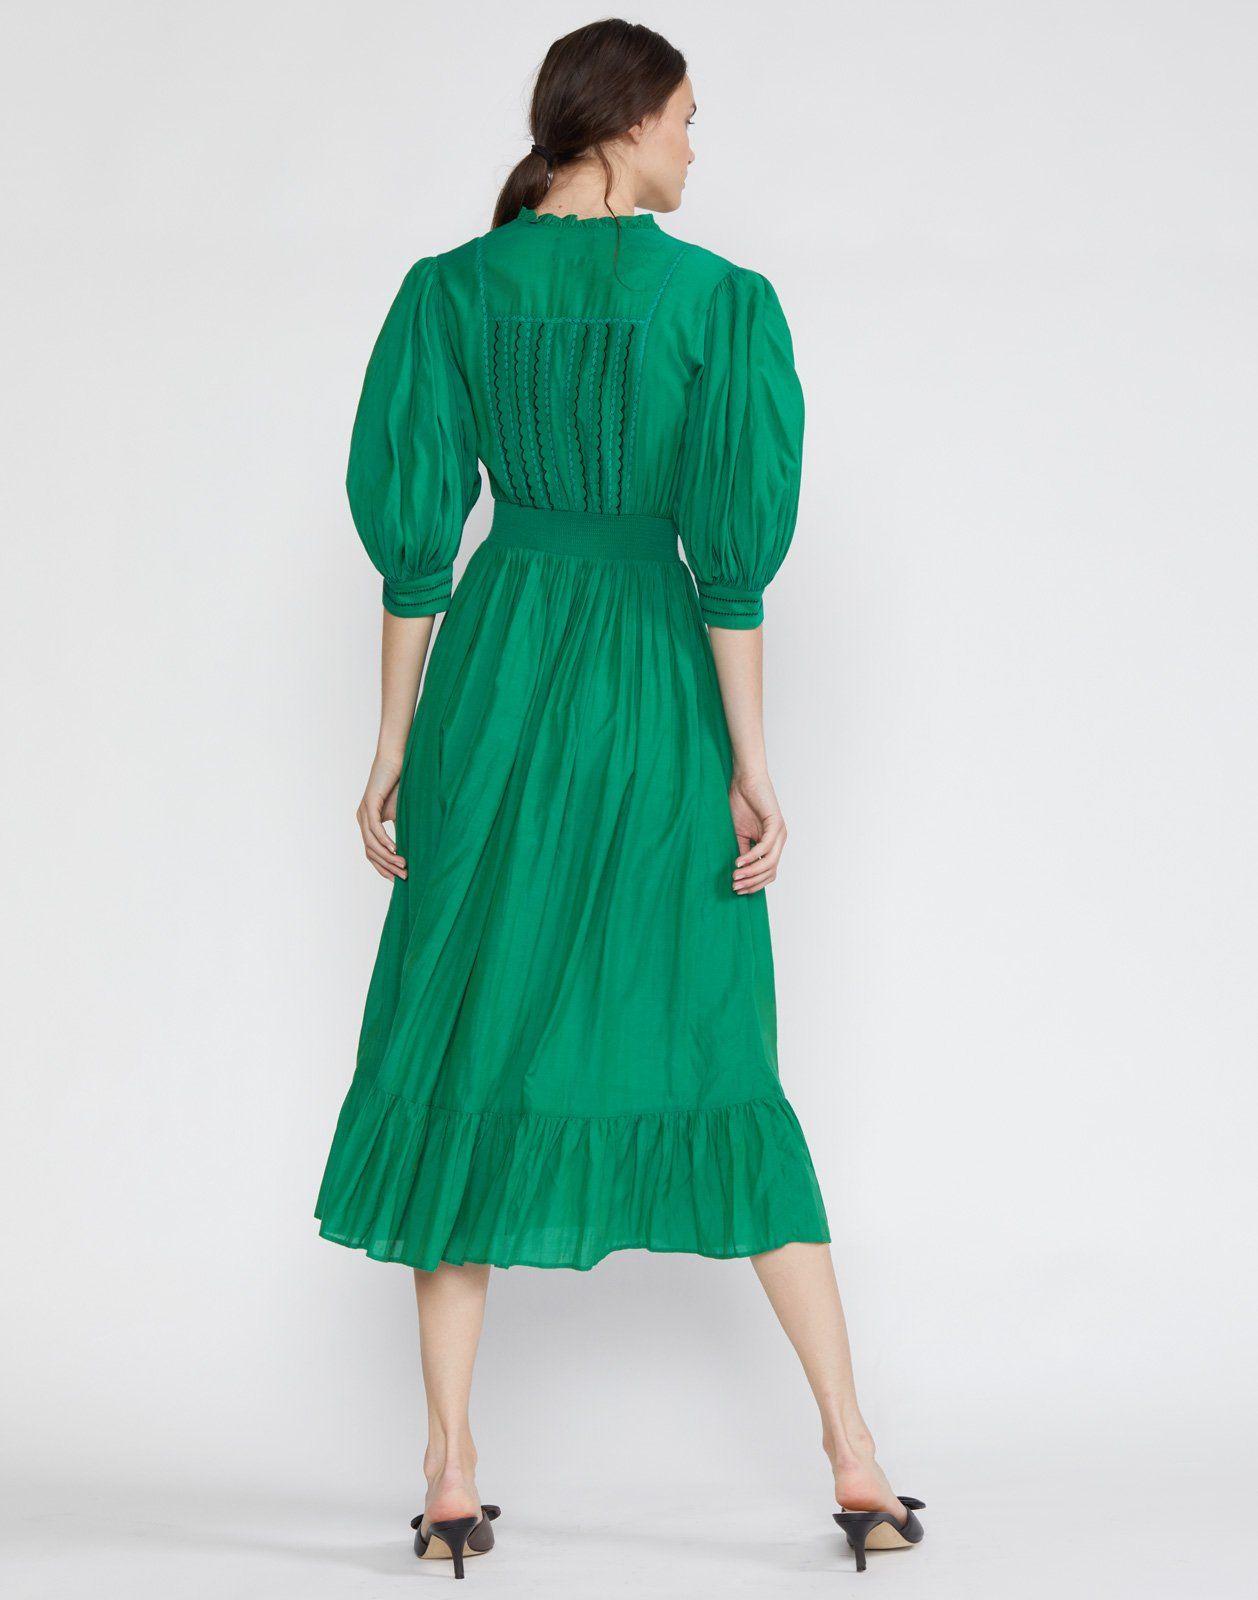 Laila Tassel Midi Dress Cynthia Rowley Dresses Midi Dress Green Midi Dress [ 1600 x 1258 Pixel ]